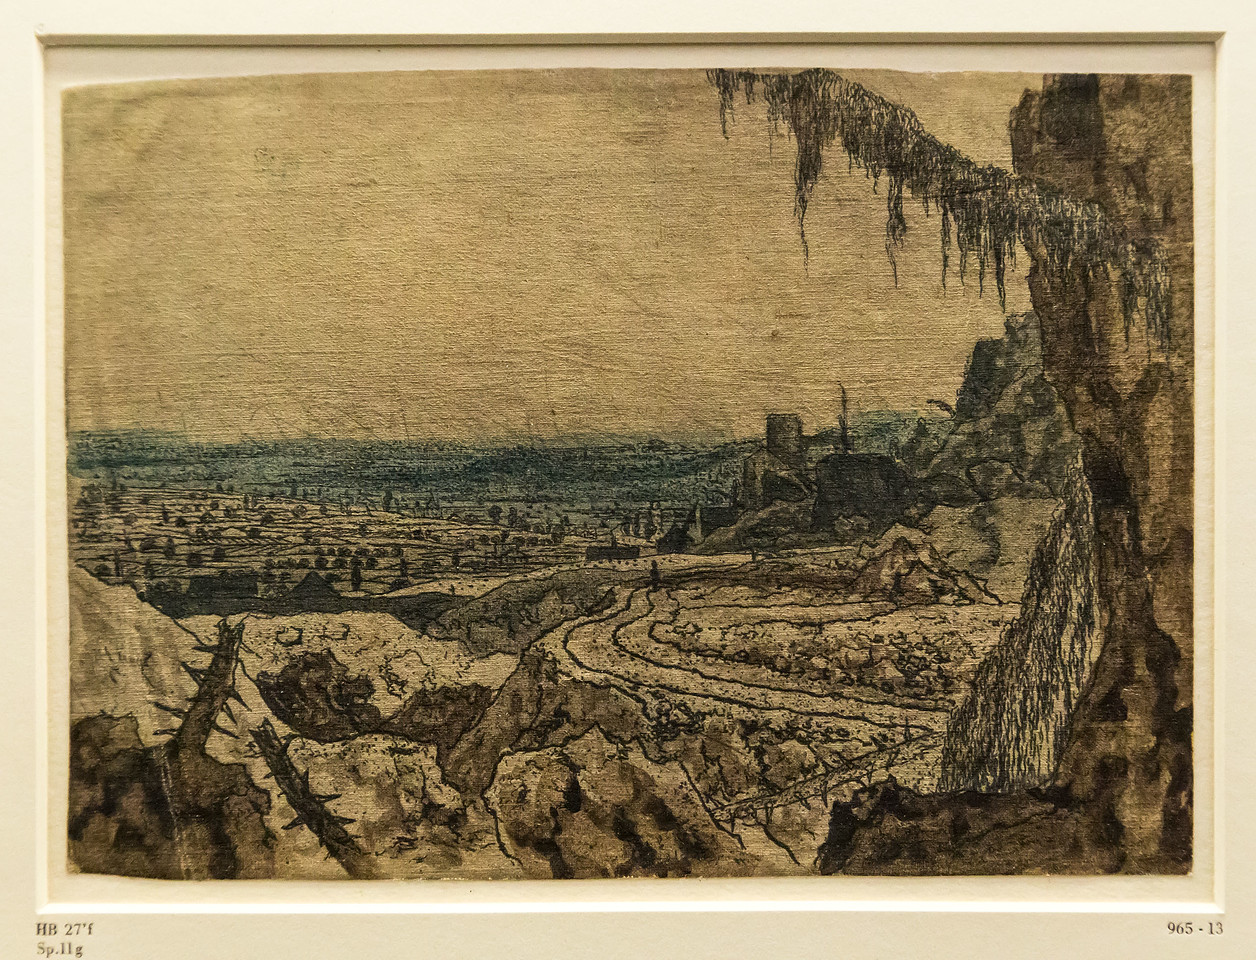 Hercules Seghers: Die Landschaft mit dem Fichtenzweig 2 [um 1620/30, Kupferstichkabinett Berlin]